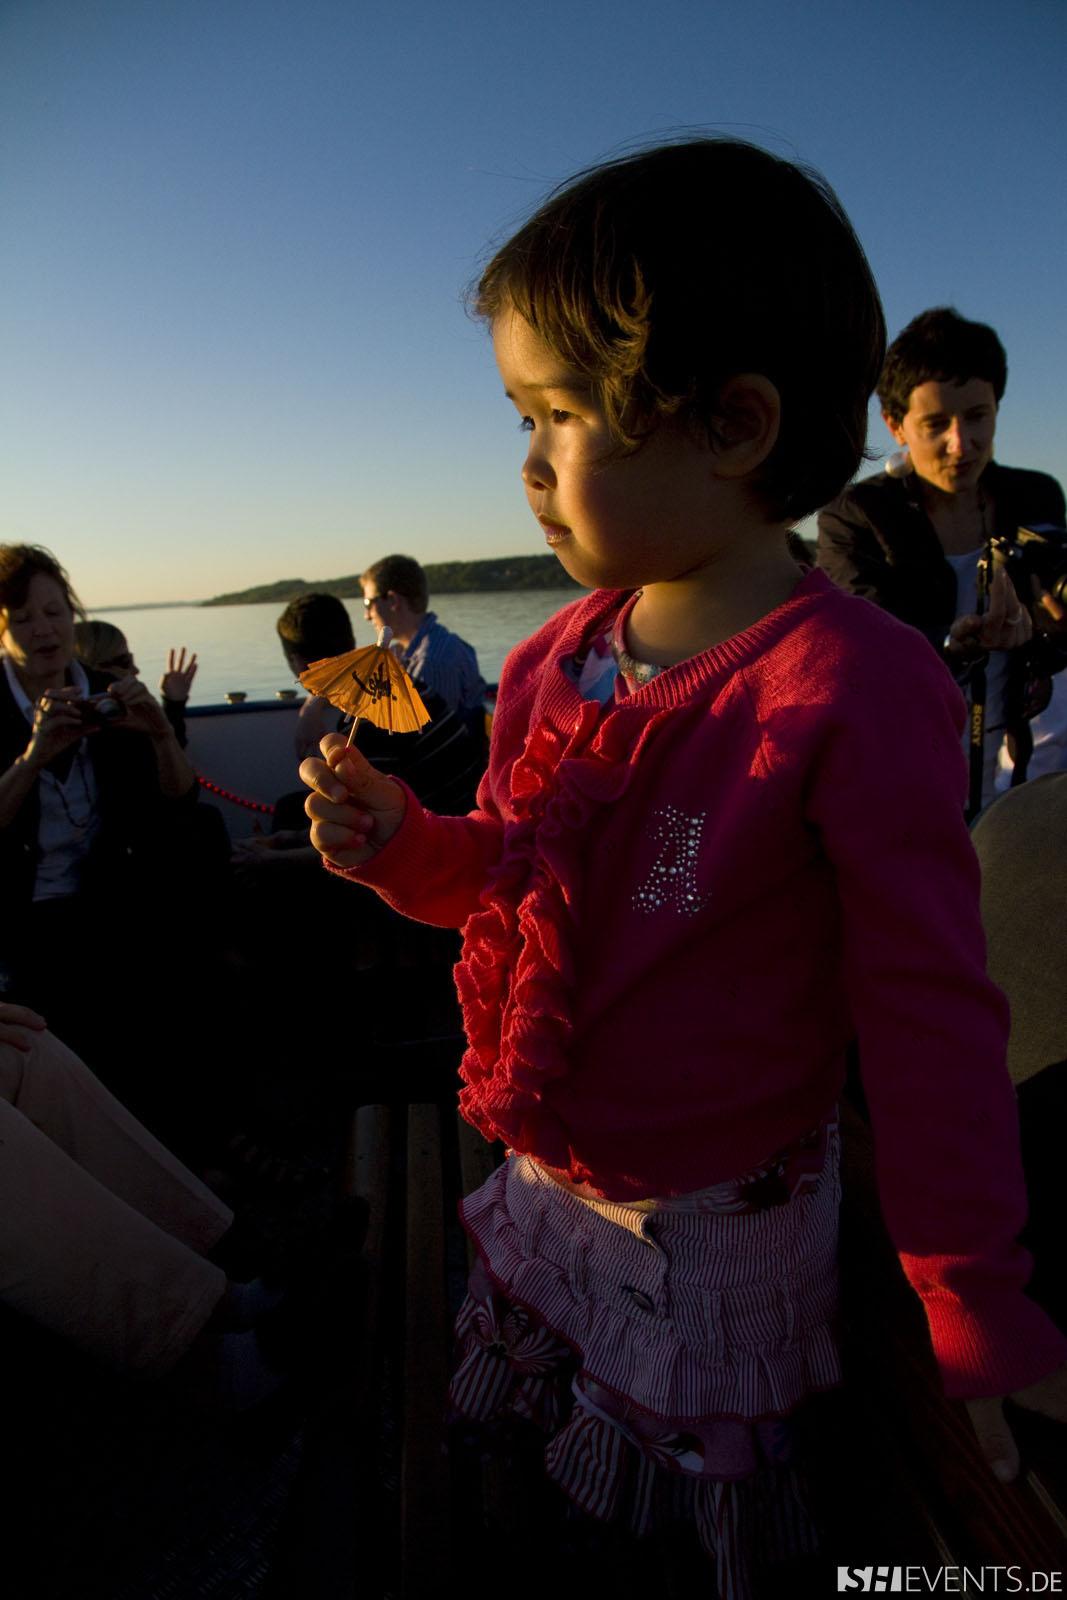 Kind auf dem Boot